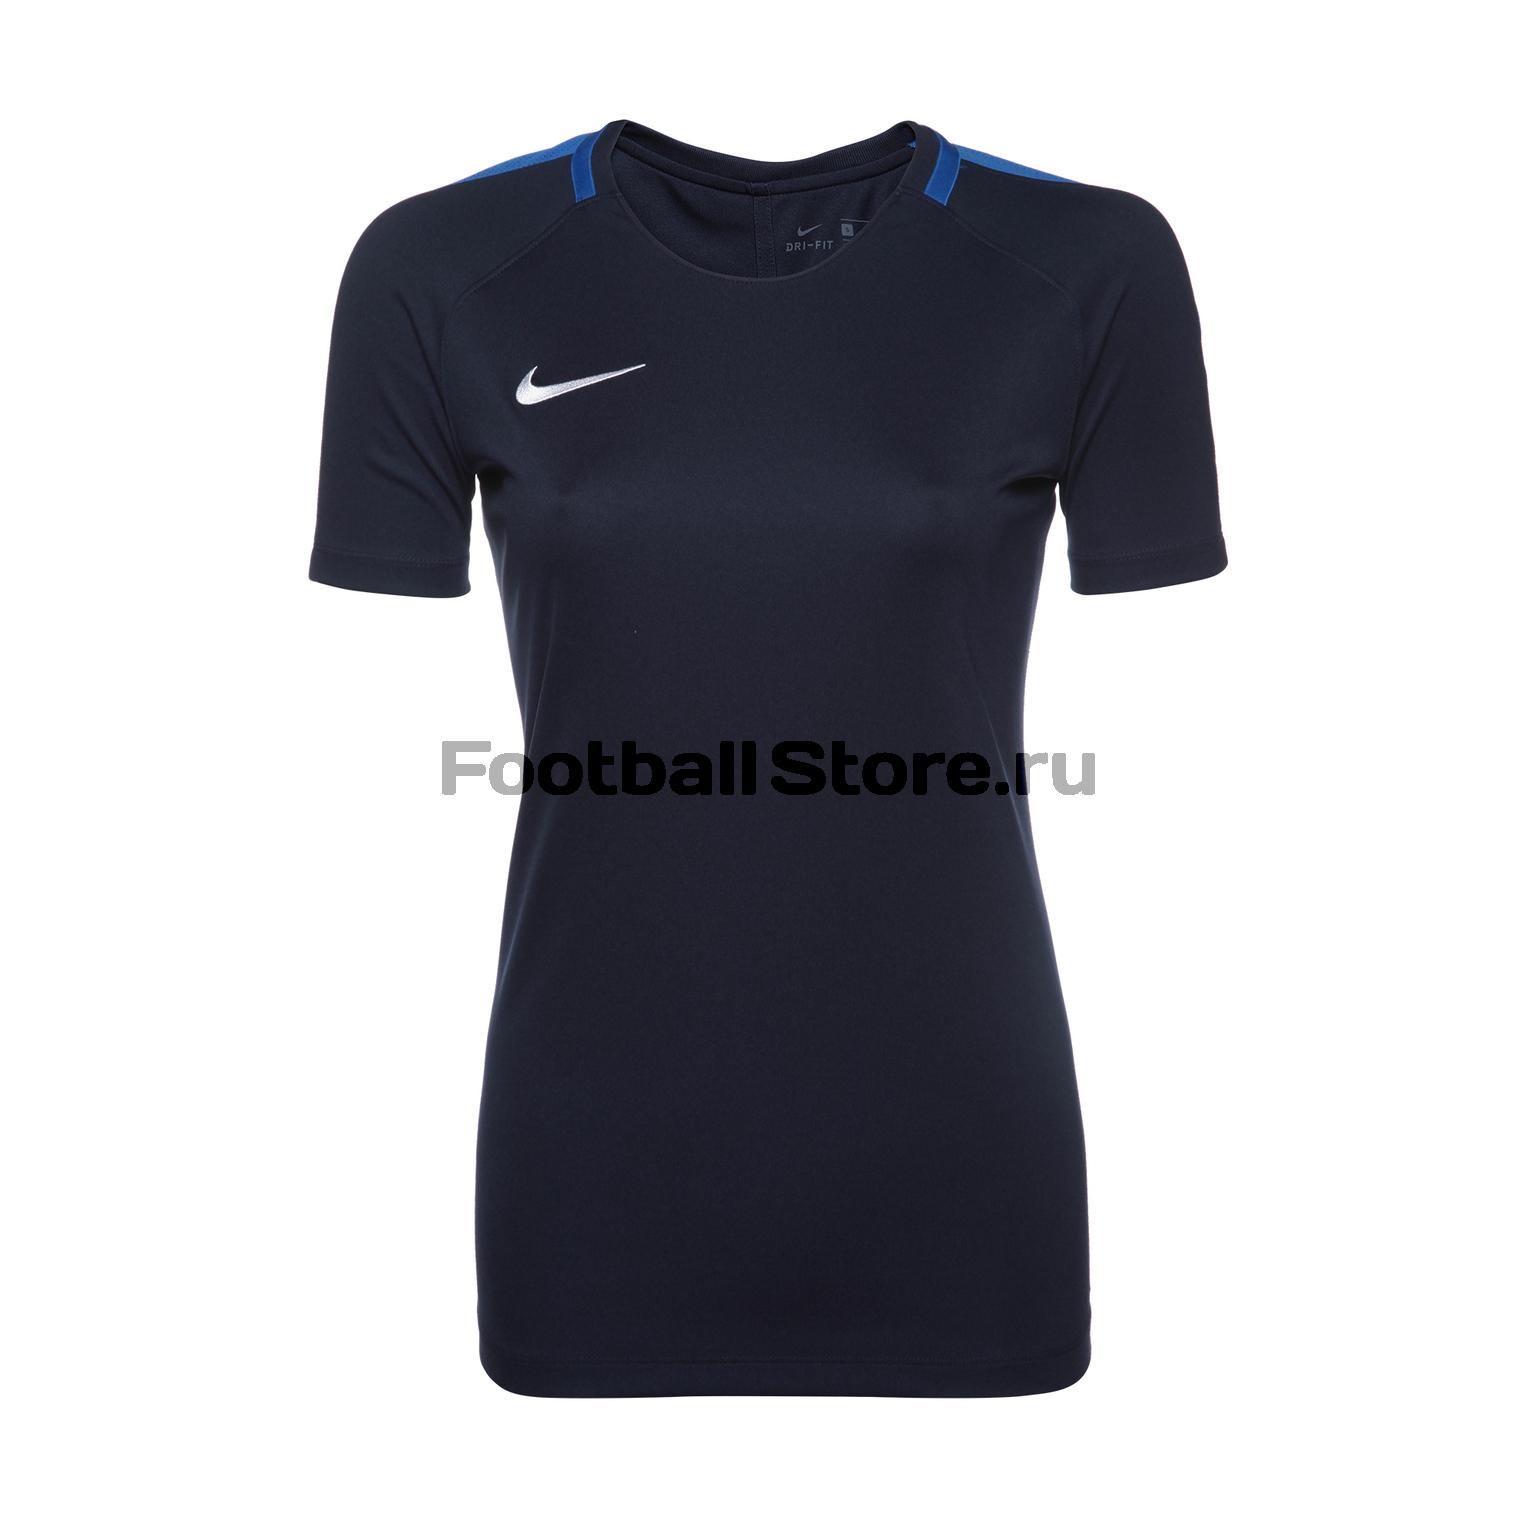 Футболка тренировочная женская Nike Academy 893741-451 цена 2017